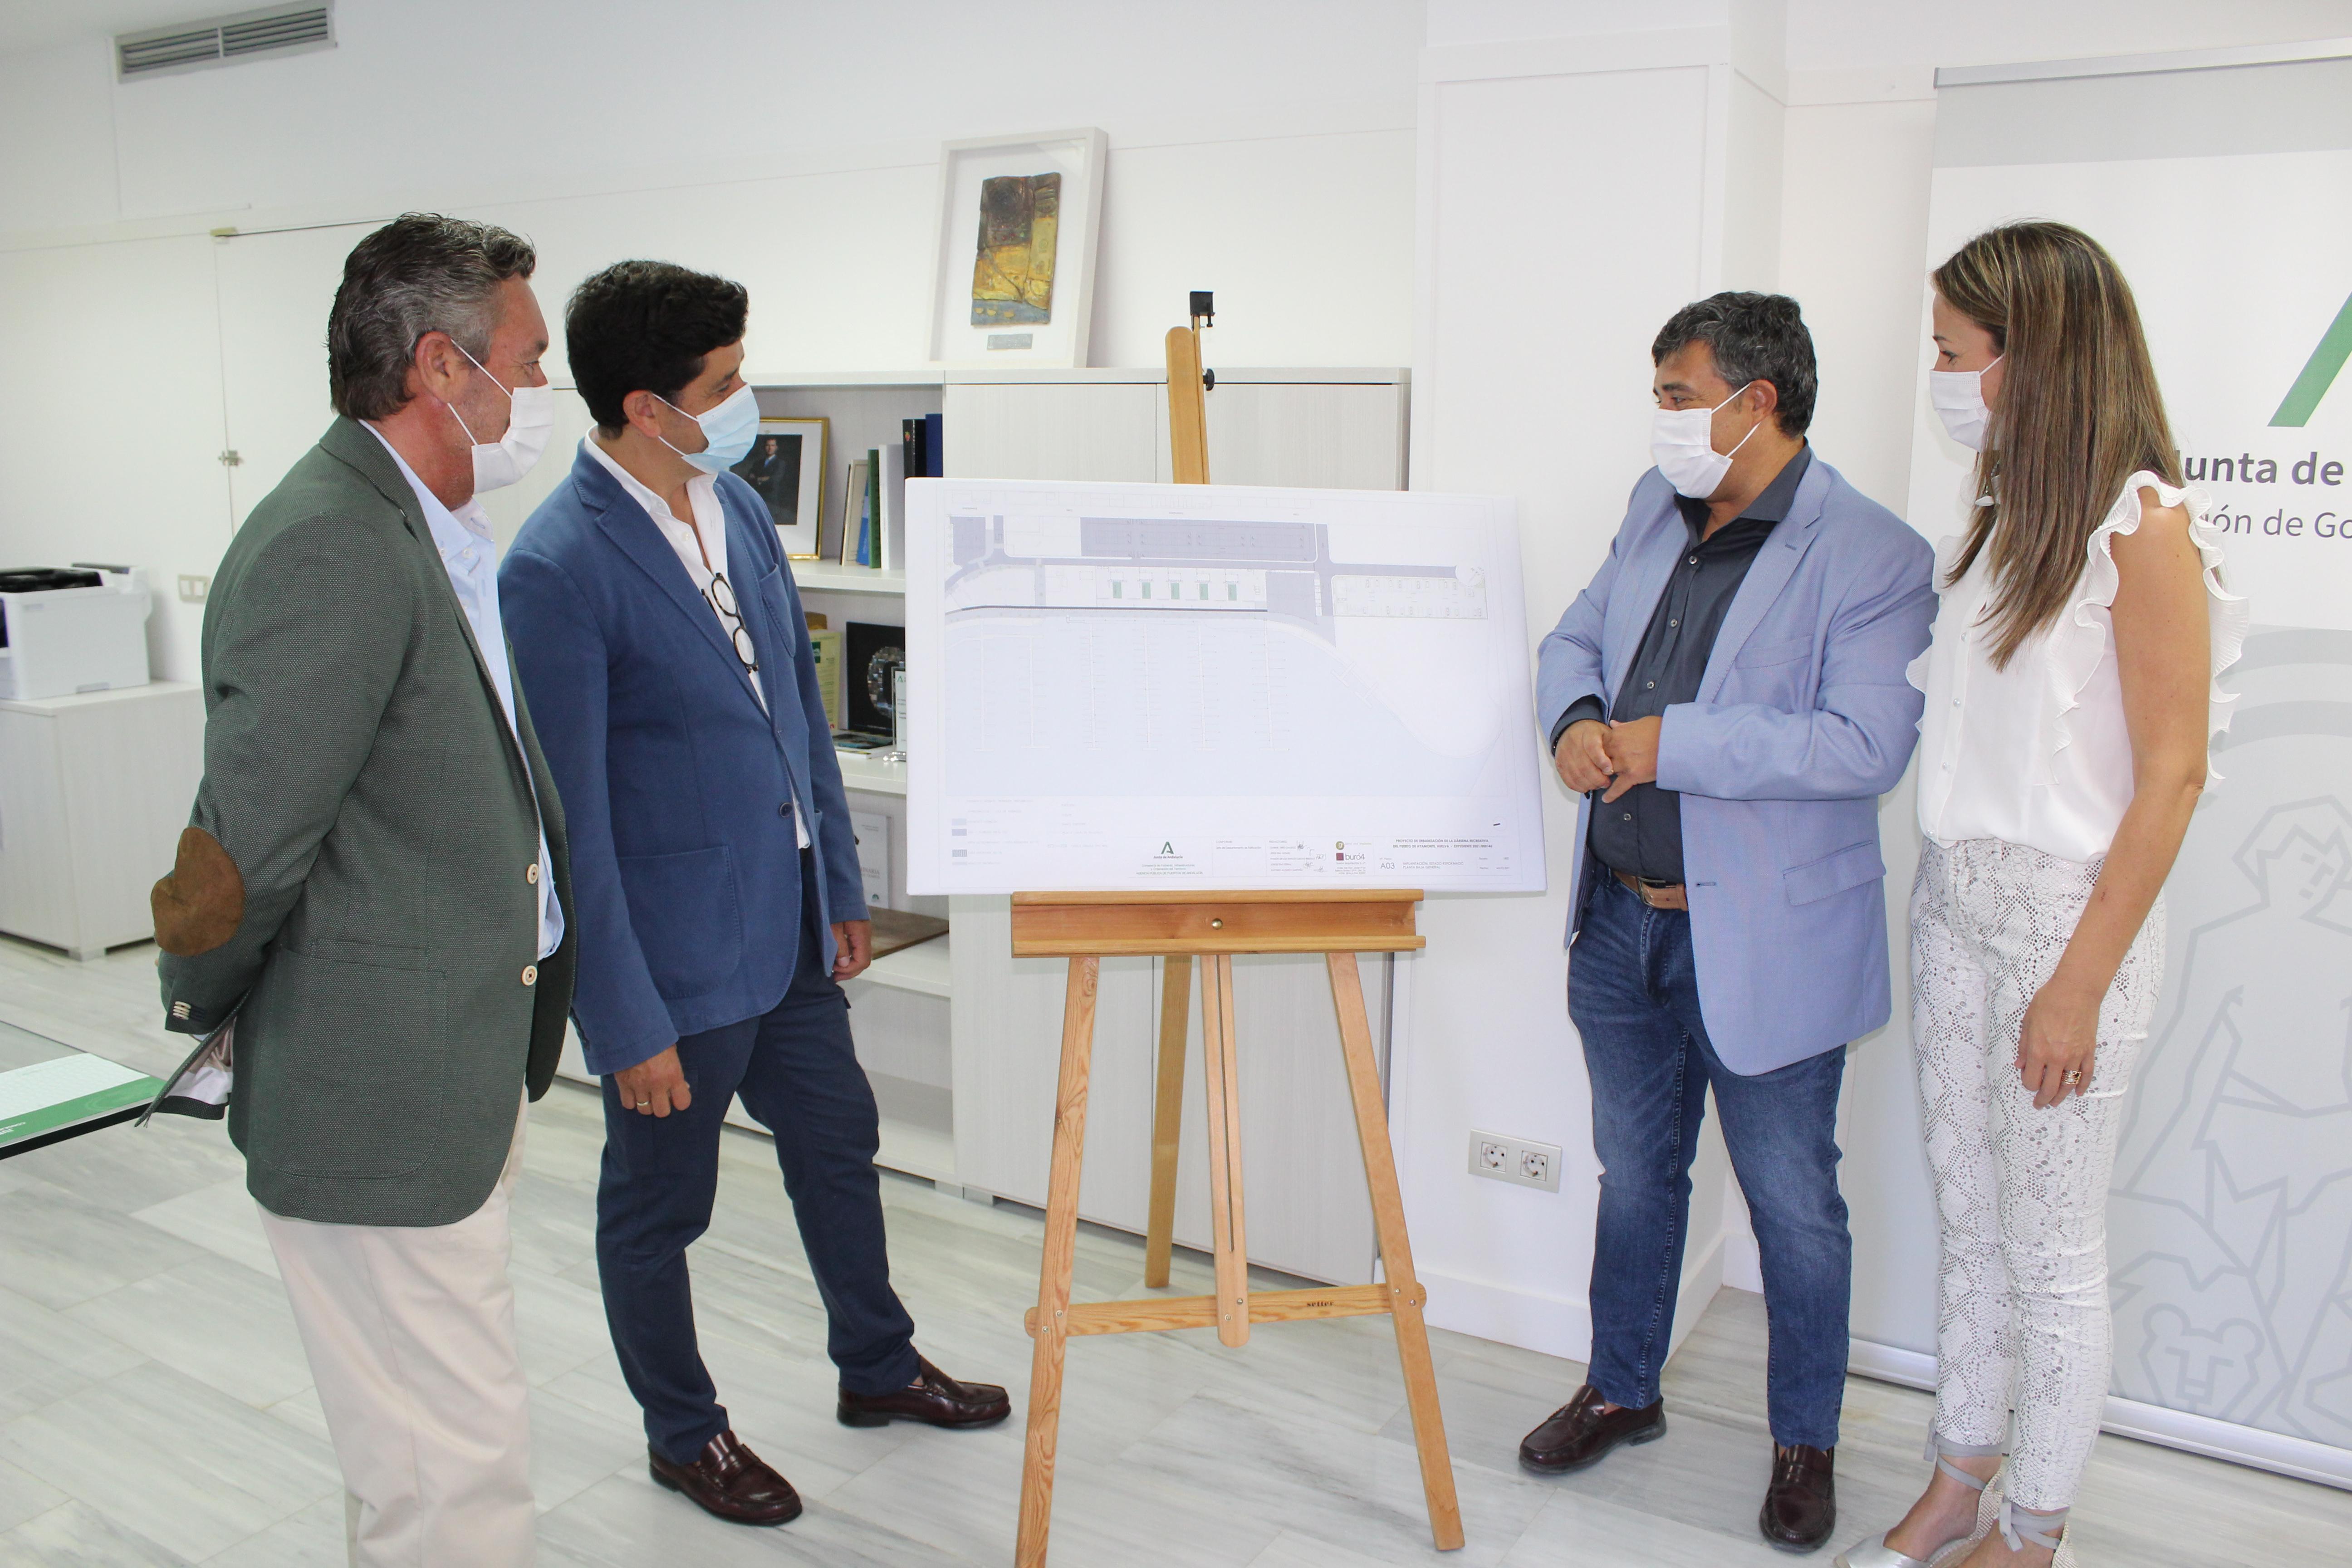 LA JUNTA INVIERTE 1,14 MILLONES DE EUROS EN LA DÁRSENA DEPORTIVA DEL PUERTO DE AYAMONTE